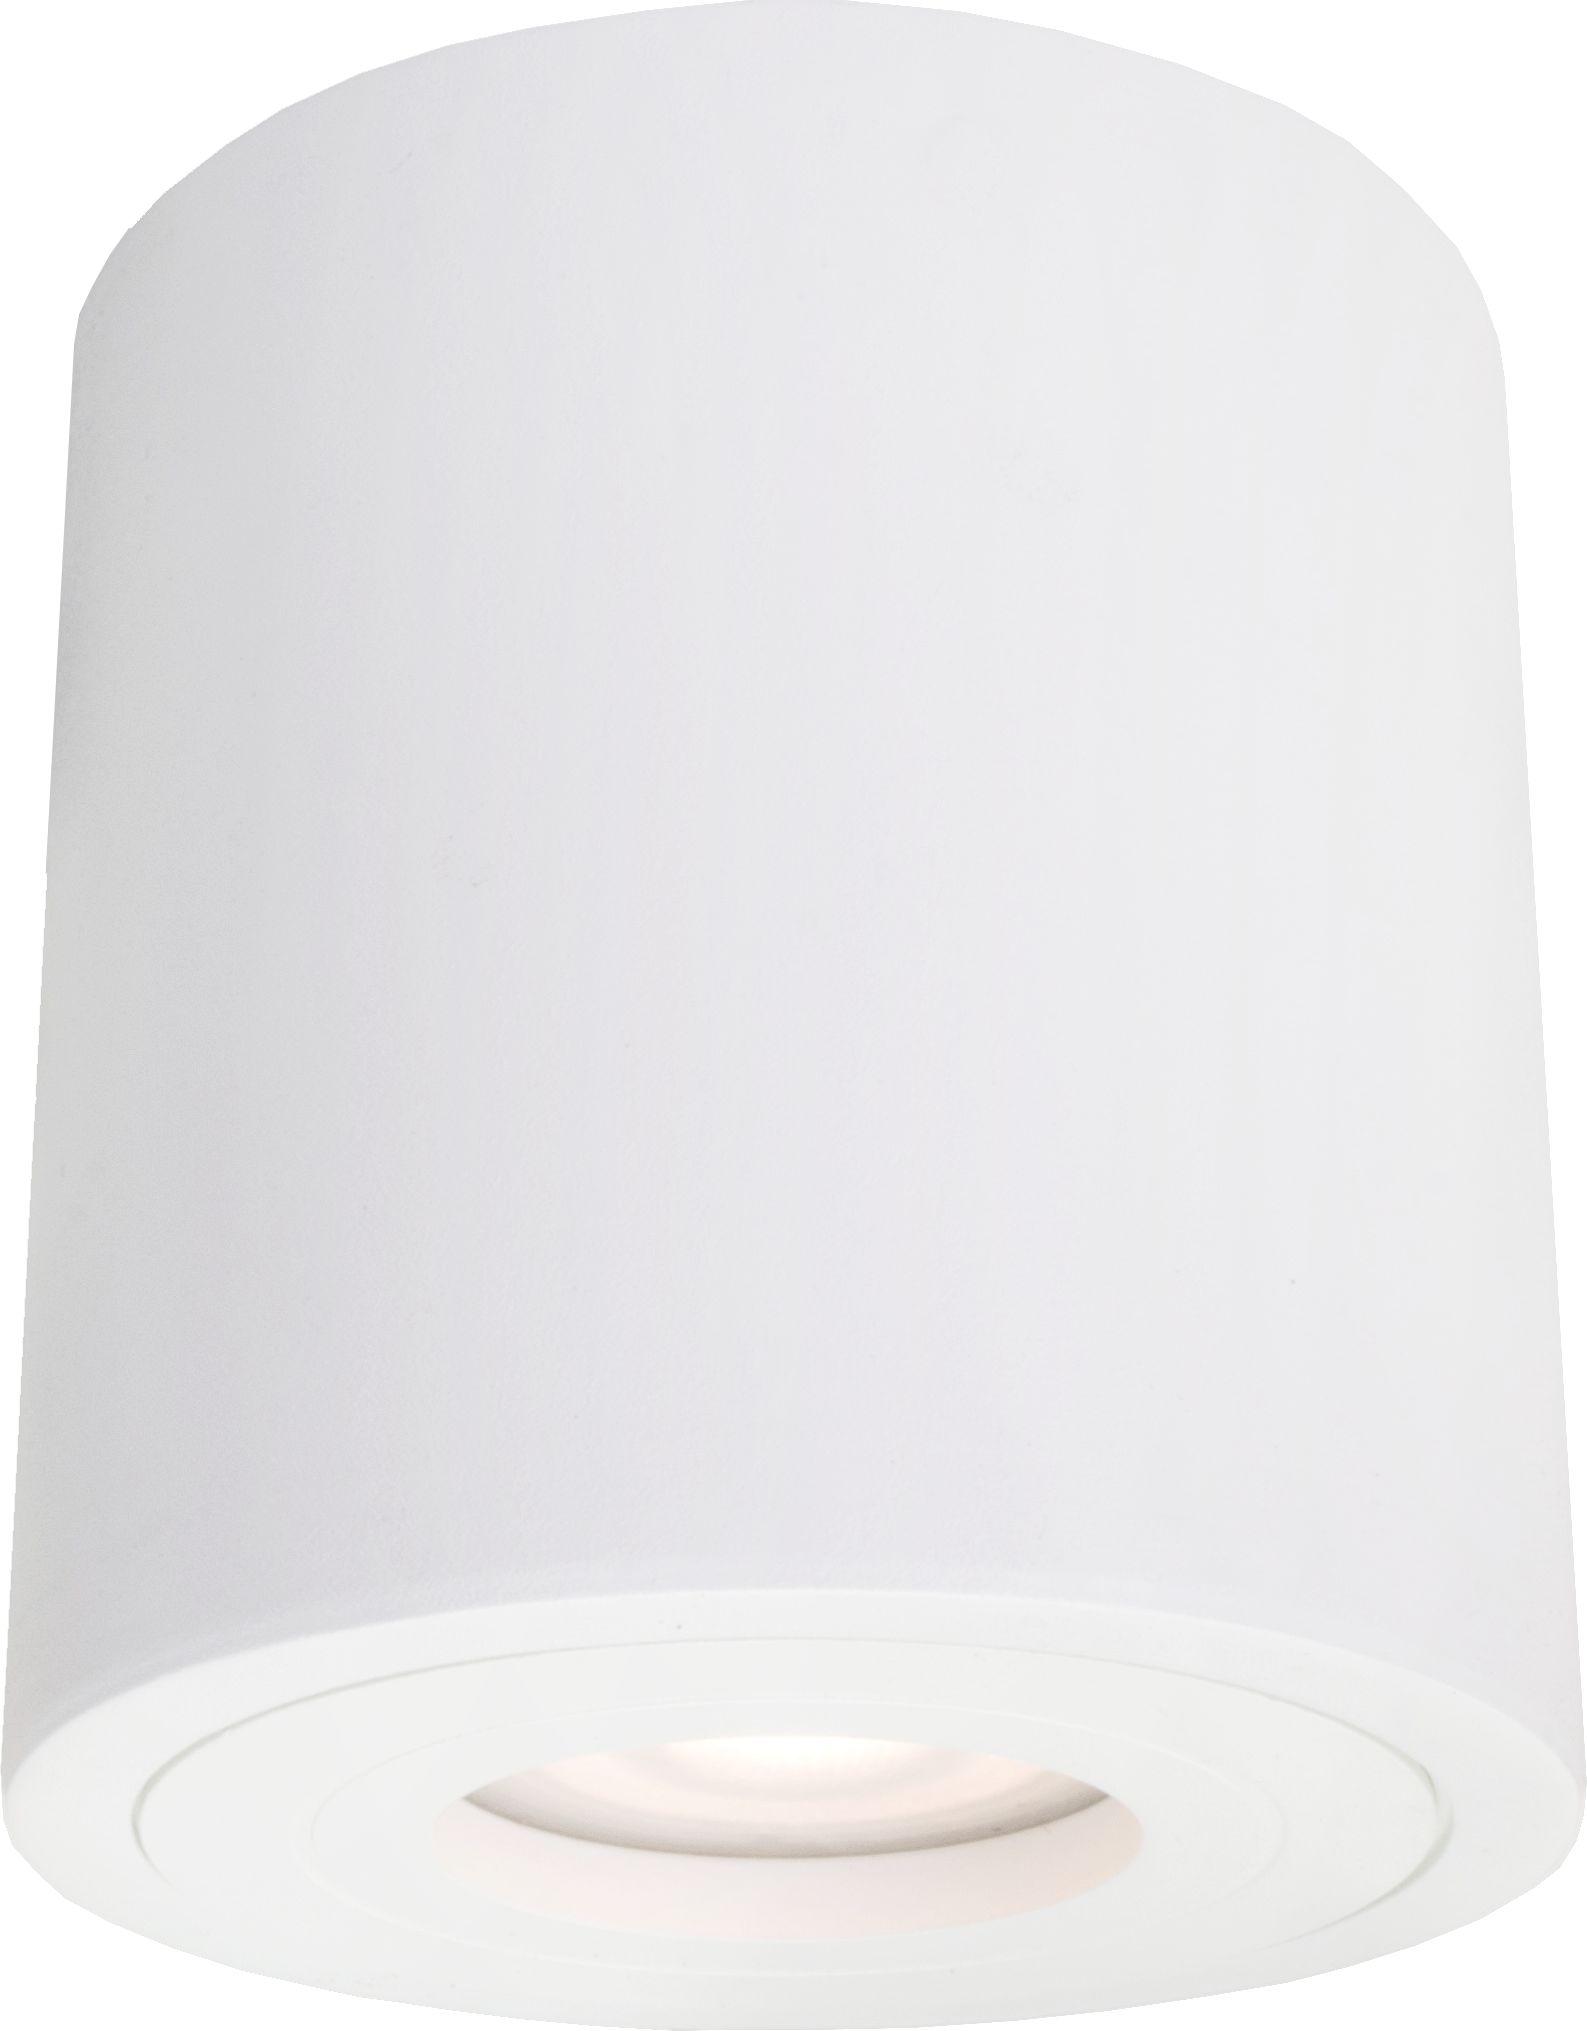 Light Prestige Faro LP-6510/1SM XL IP65 WH oprawa stropowa natynkowa metalowa biała 1x50W GU10 IP65 9,5cm